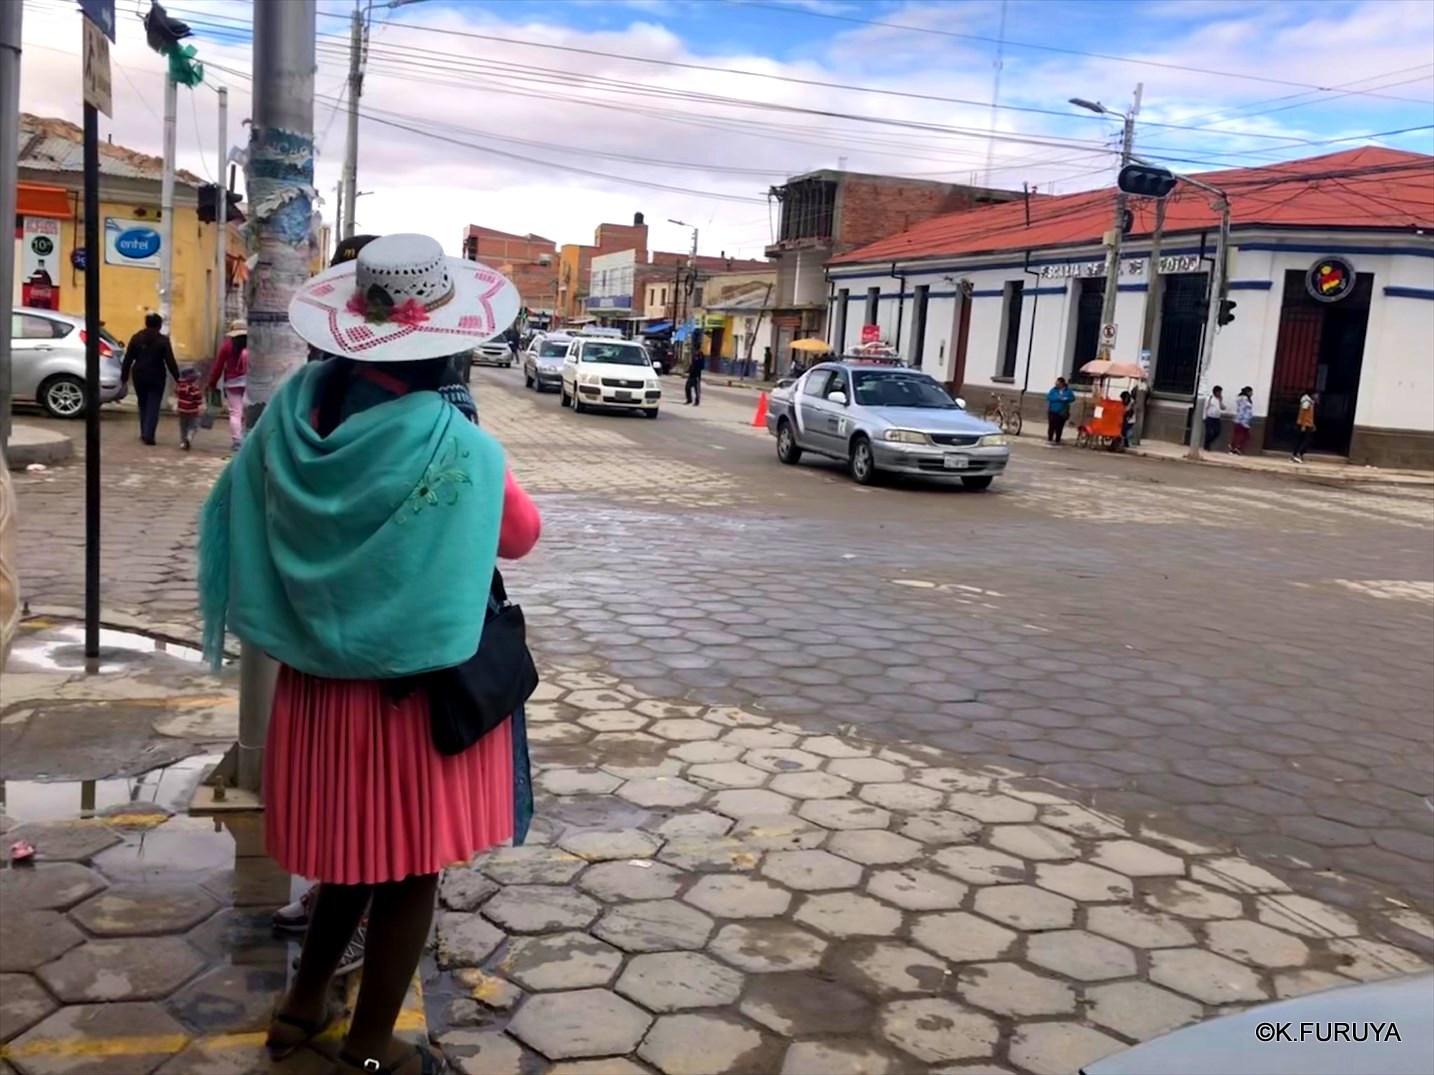 中南米の旅/25 ウユニのメインストリート@ボリビア_a0092659_16353374.jpg